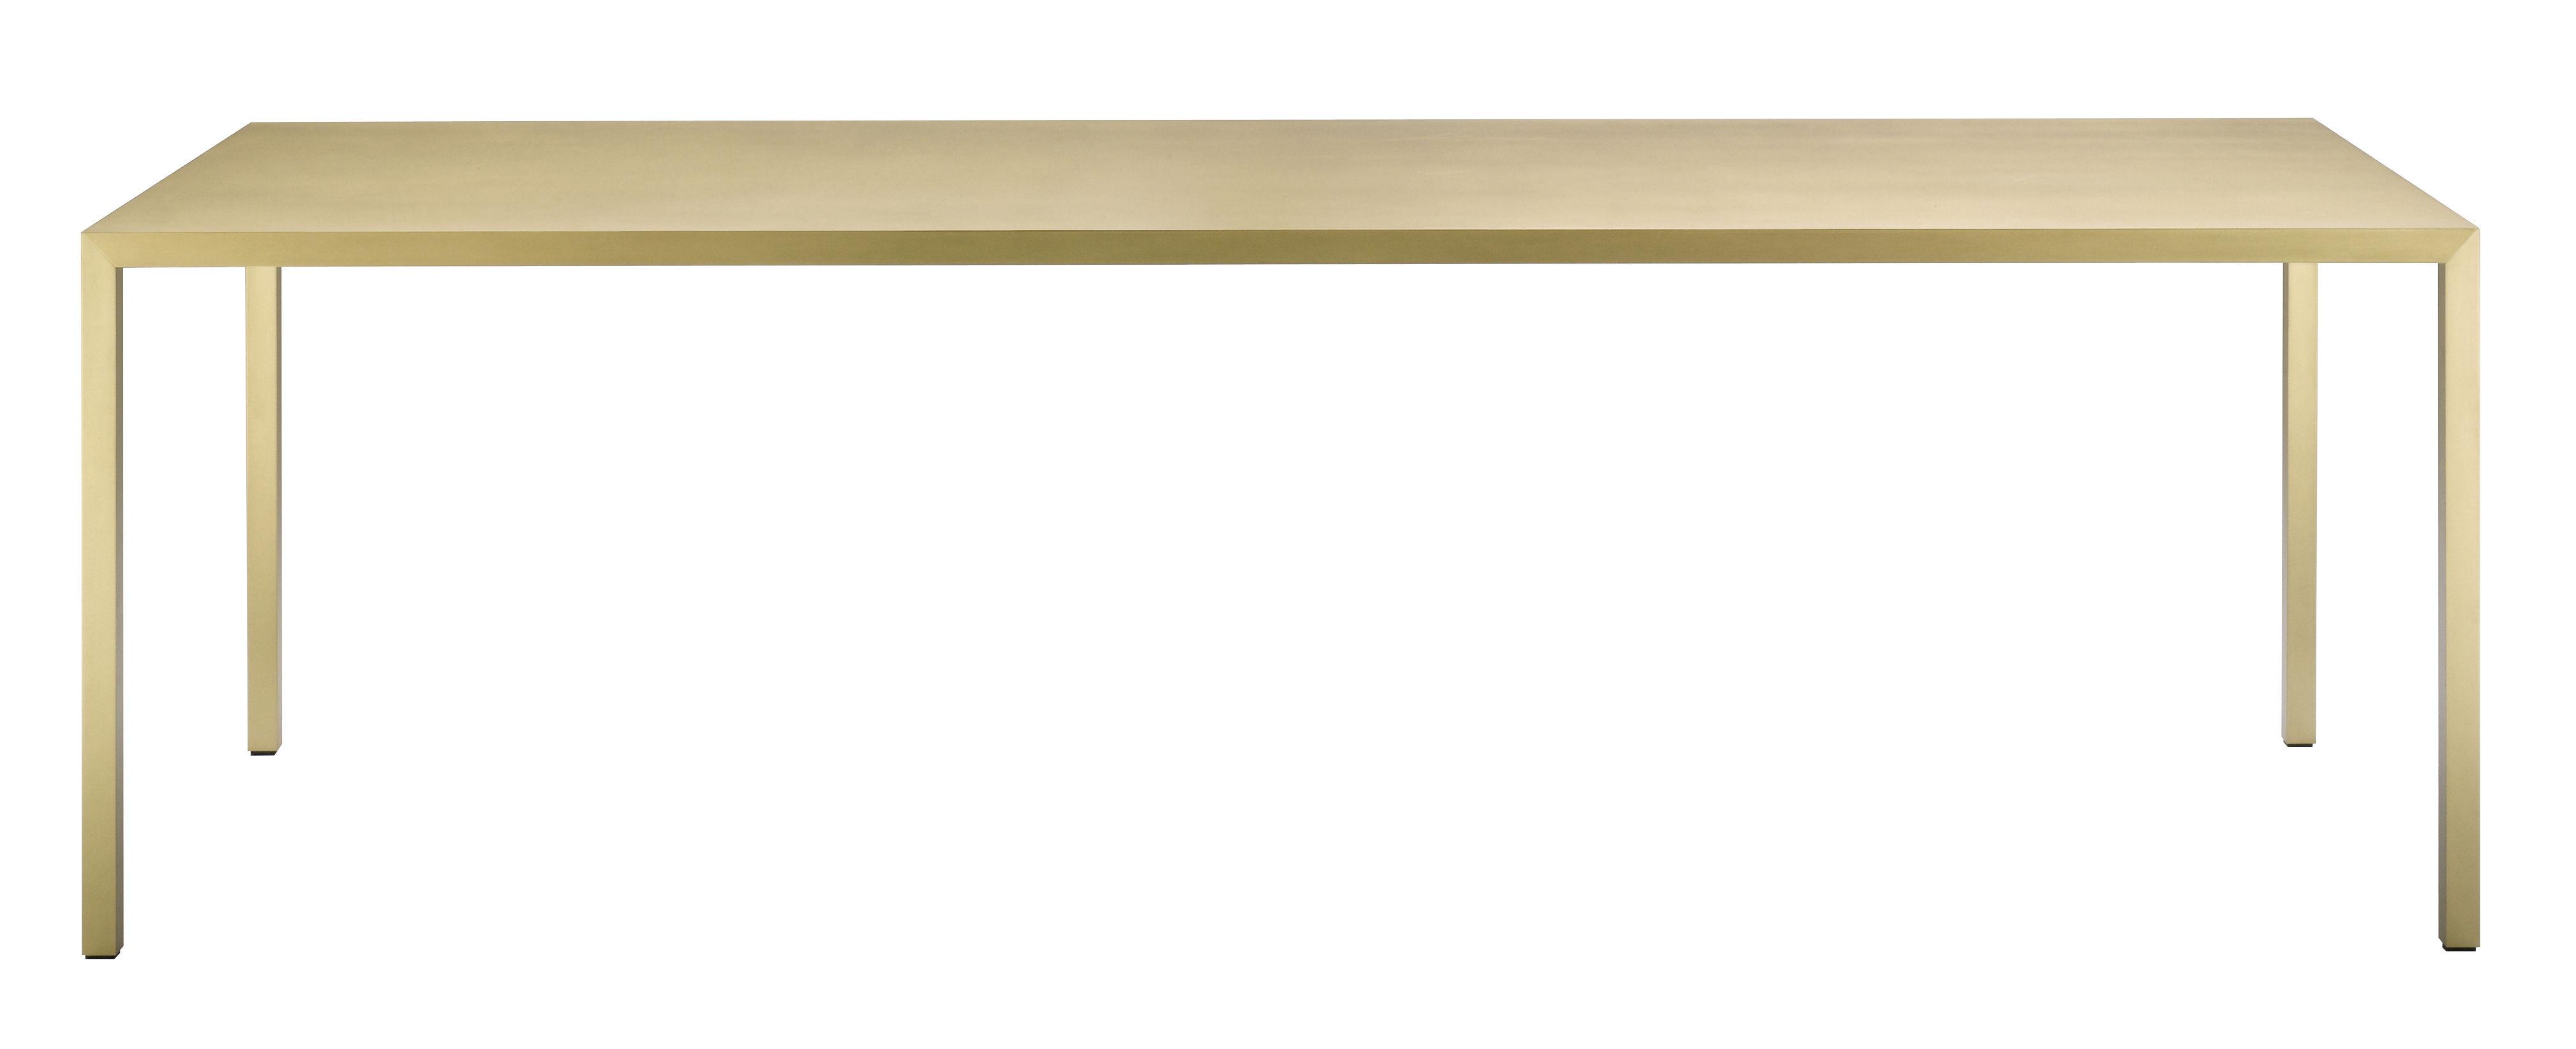 Mobilier - Tables - Table rectangulaire Tense Material / 90 x 200 cm - Laiton - MDF Italia - Laiton brossé - Panneau composite, Placage laiton brossé